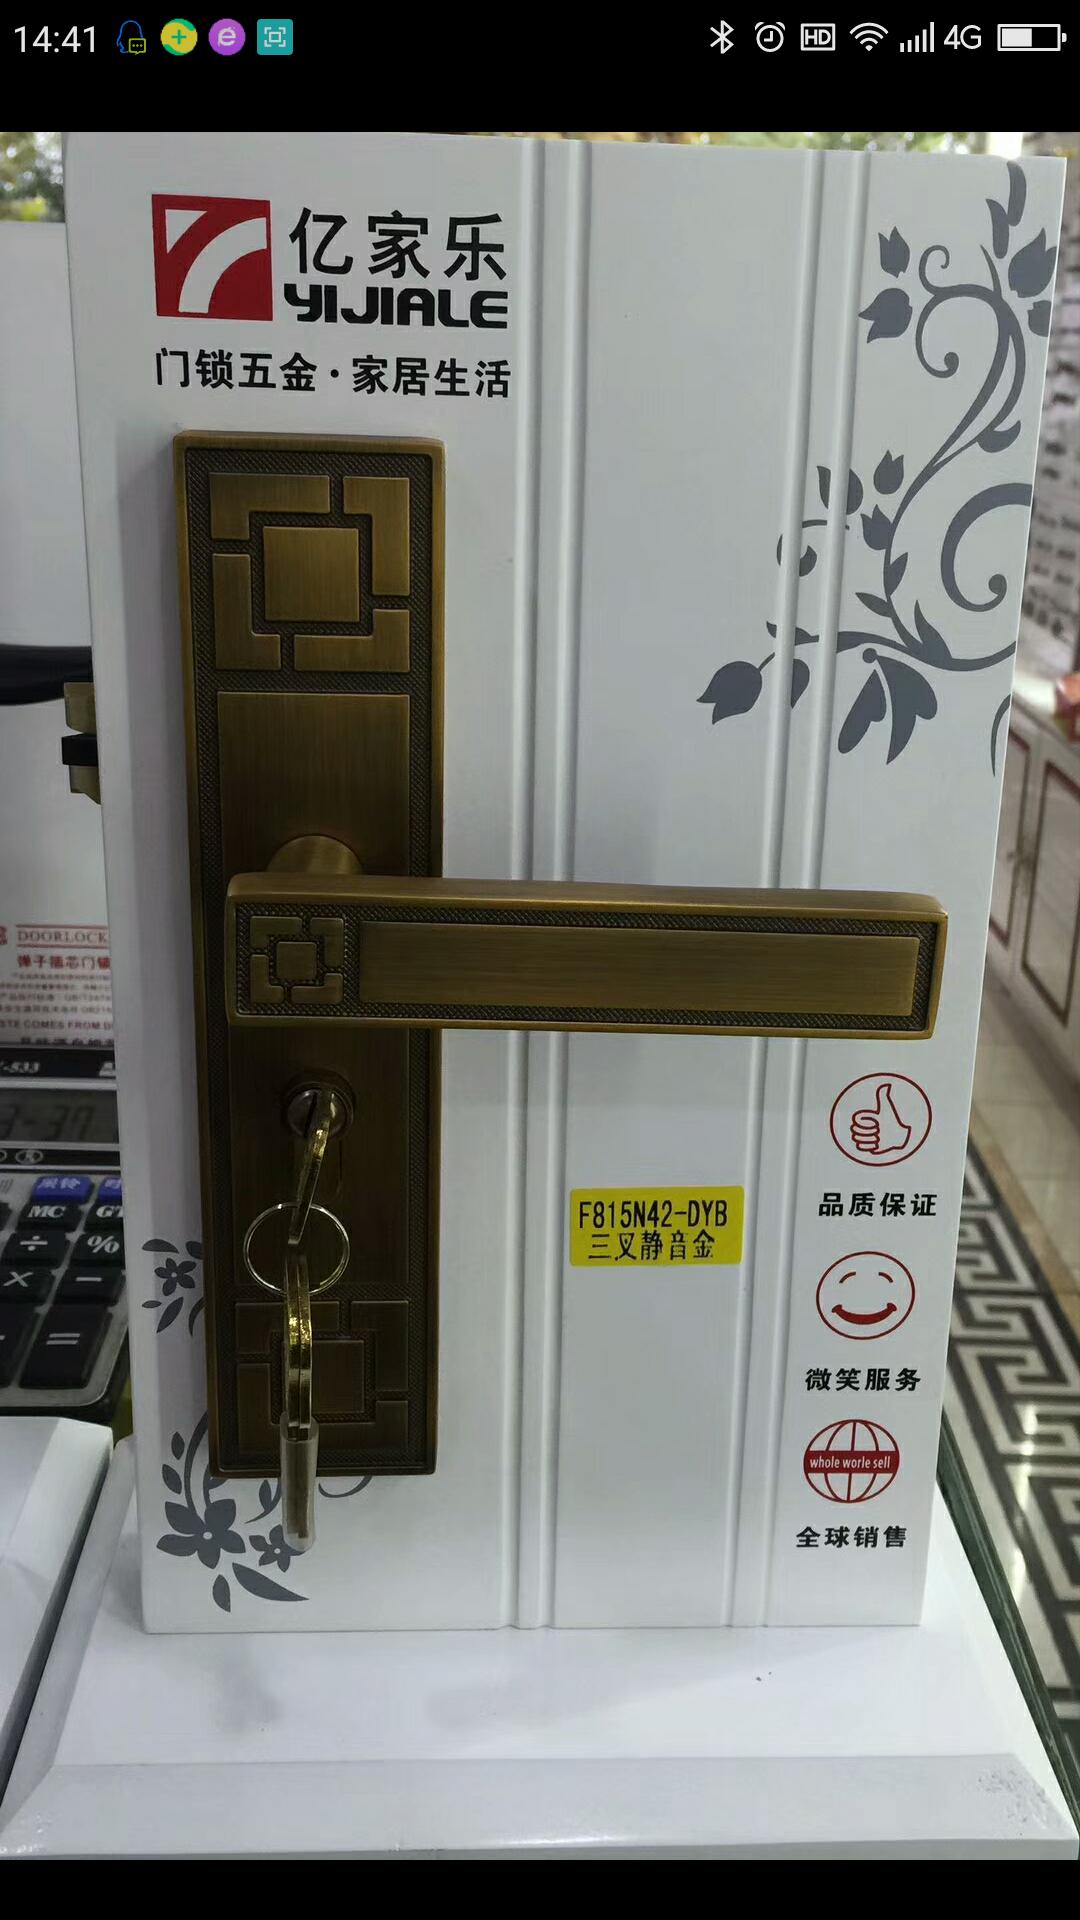 黄冈永盛110联动开锁公司